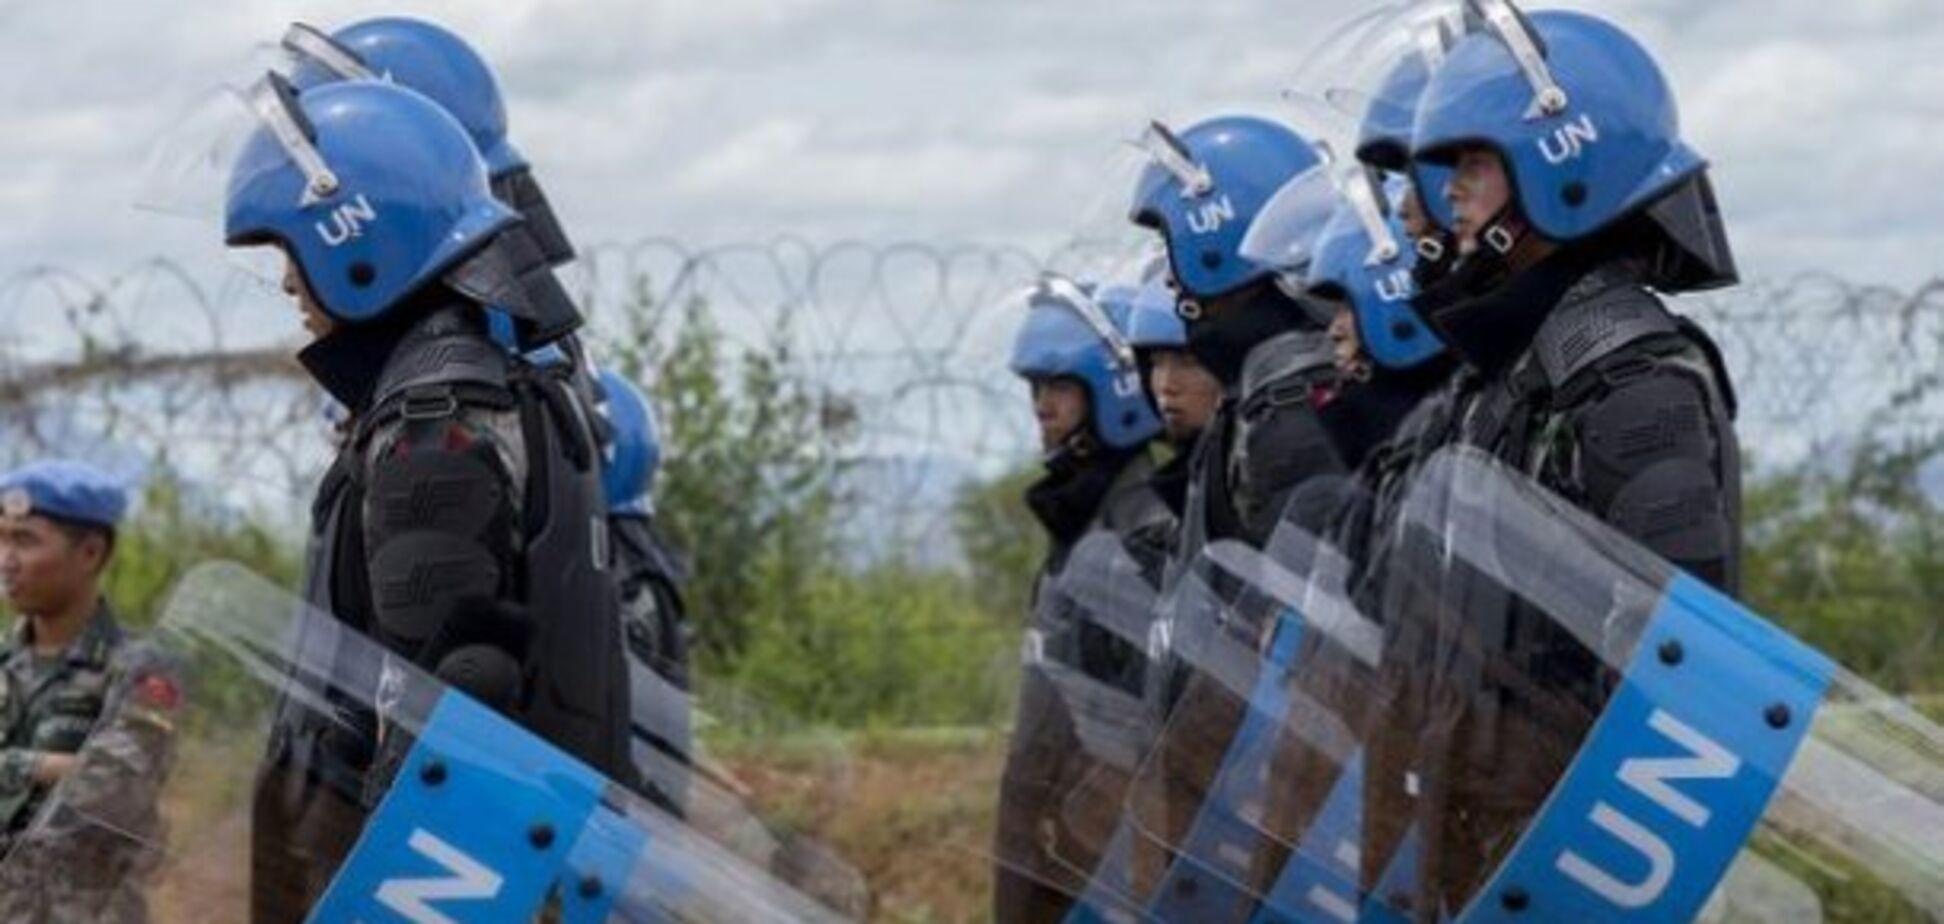 Украина может получить миротворцев на Донбасс 'в обход' России: стал известен способ